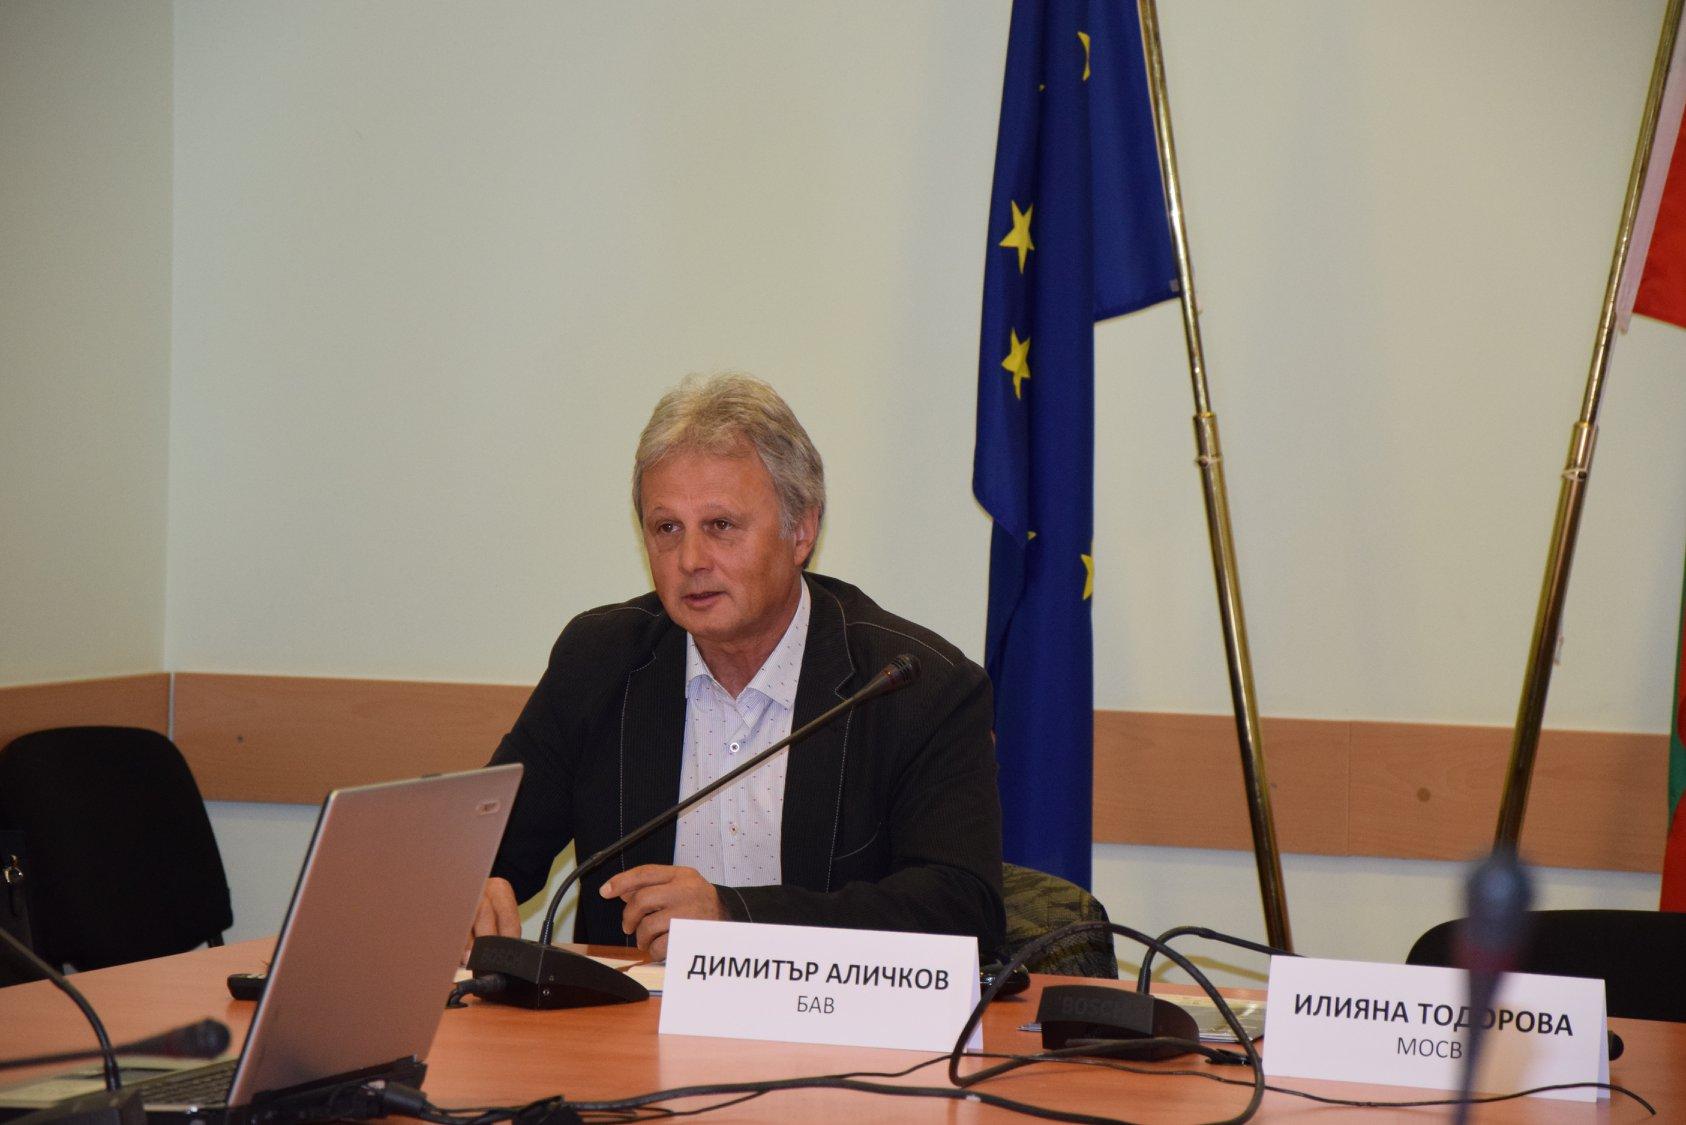 Интервю с проф. д-р инж. Димитър Аличков – председател на БАВ, относно дейността на БАВ